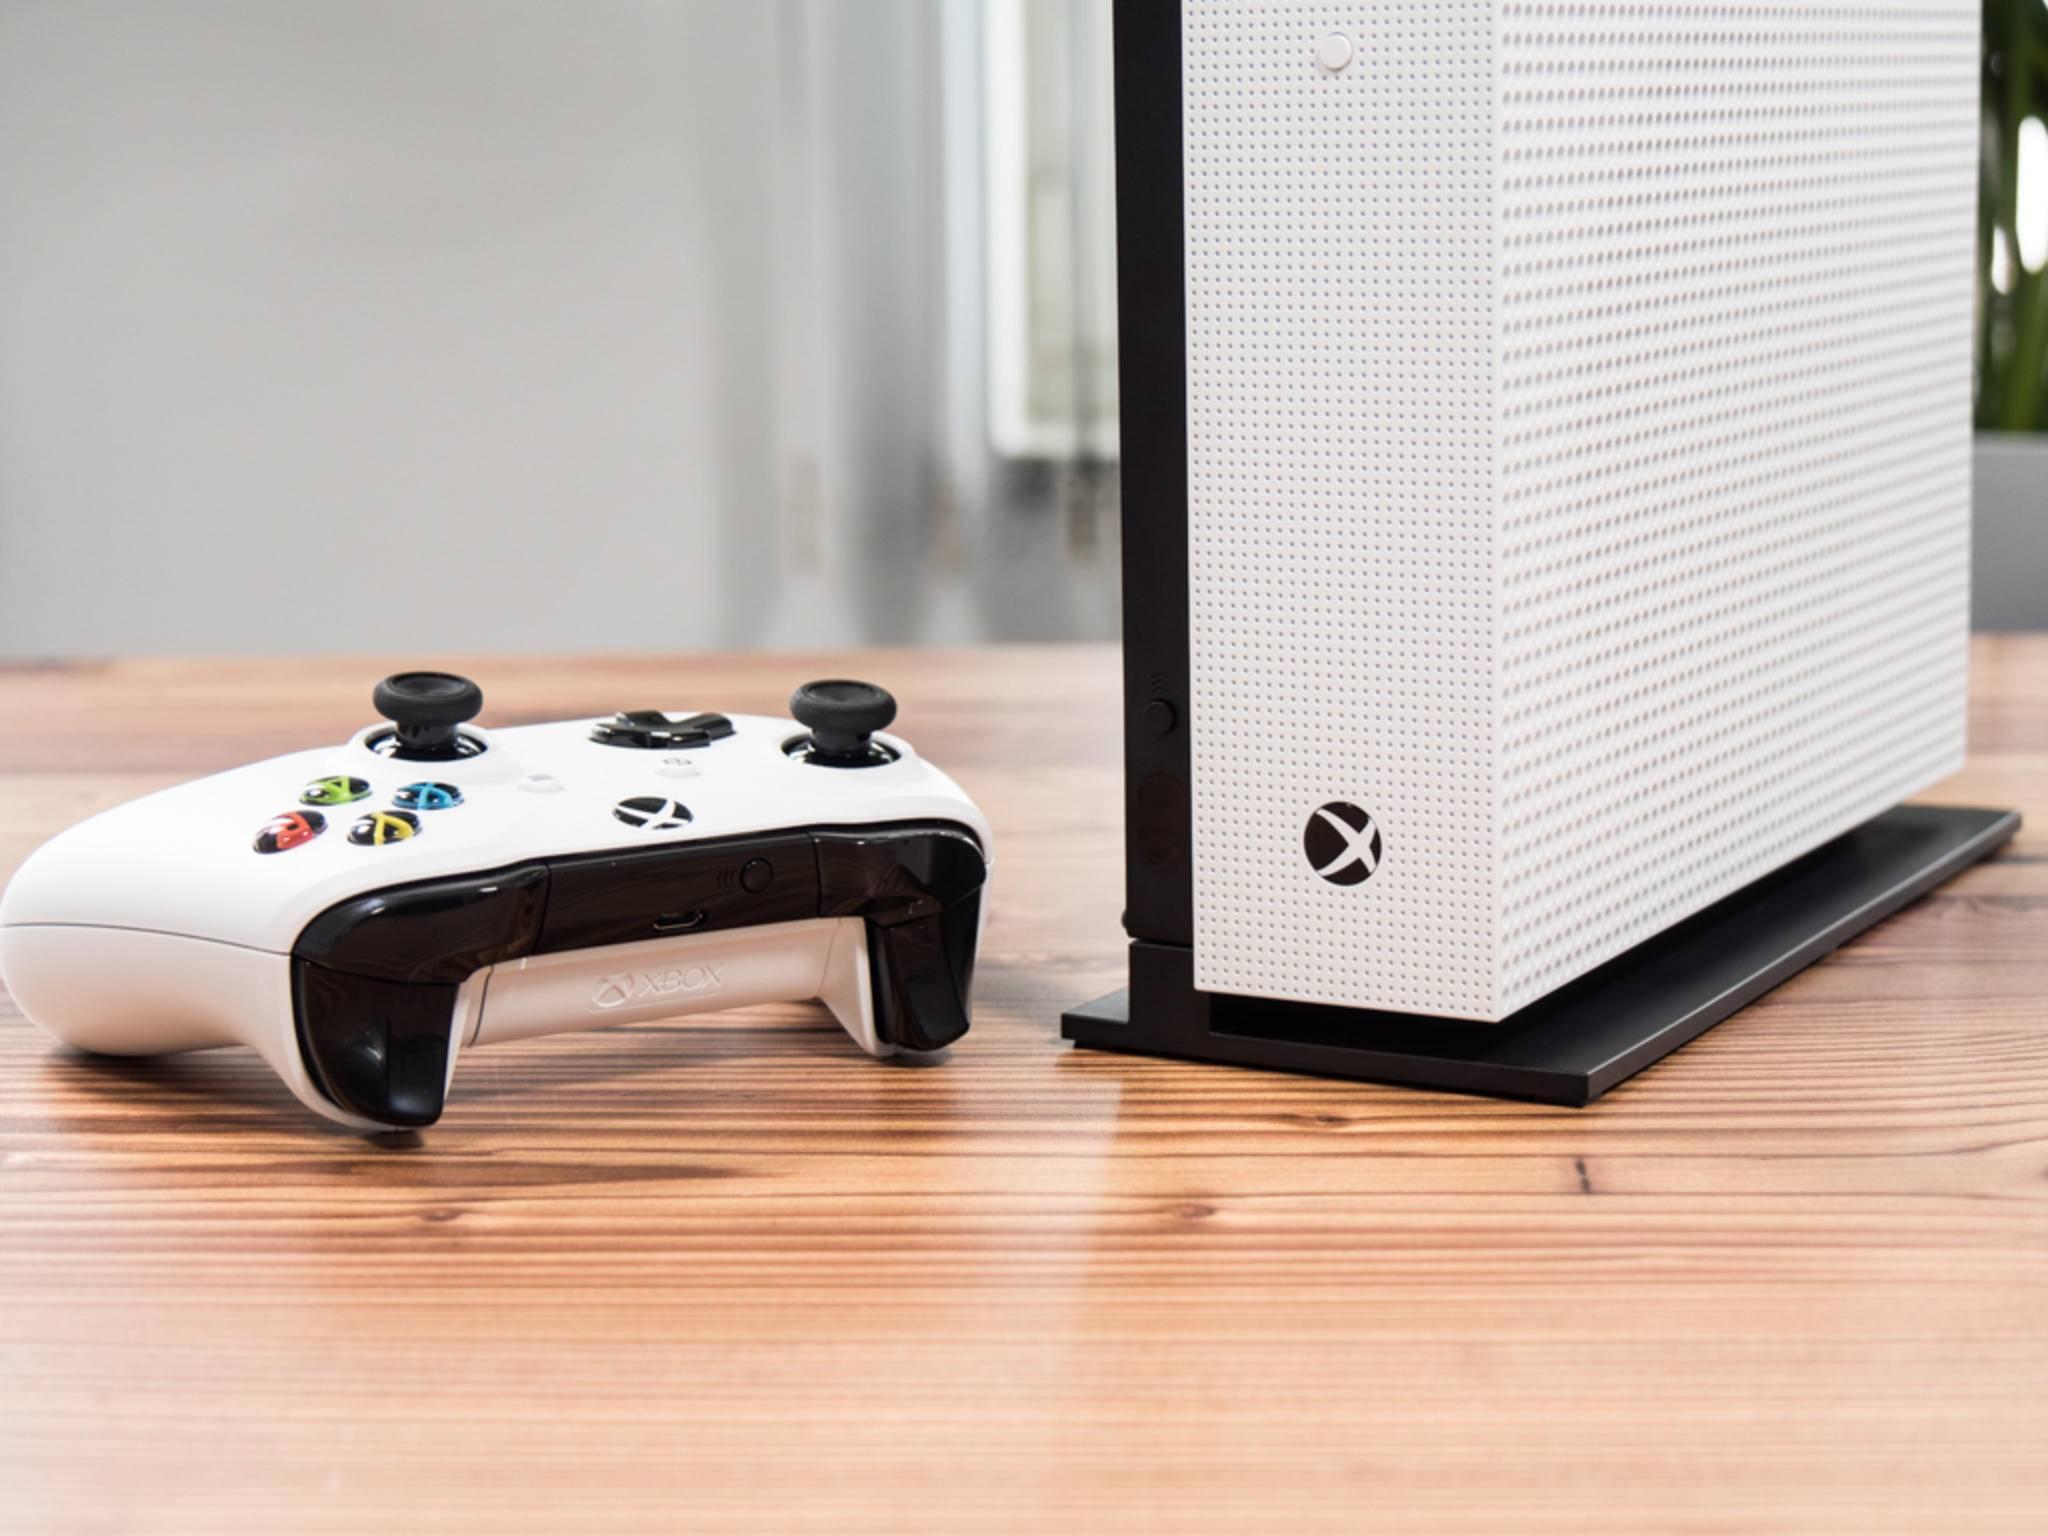 Gameplay-Videos von der Xbox One kannst Du auch direkt am PC aufzeichnen.